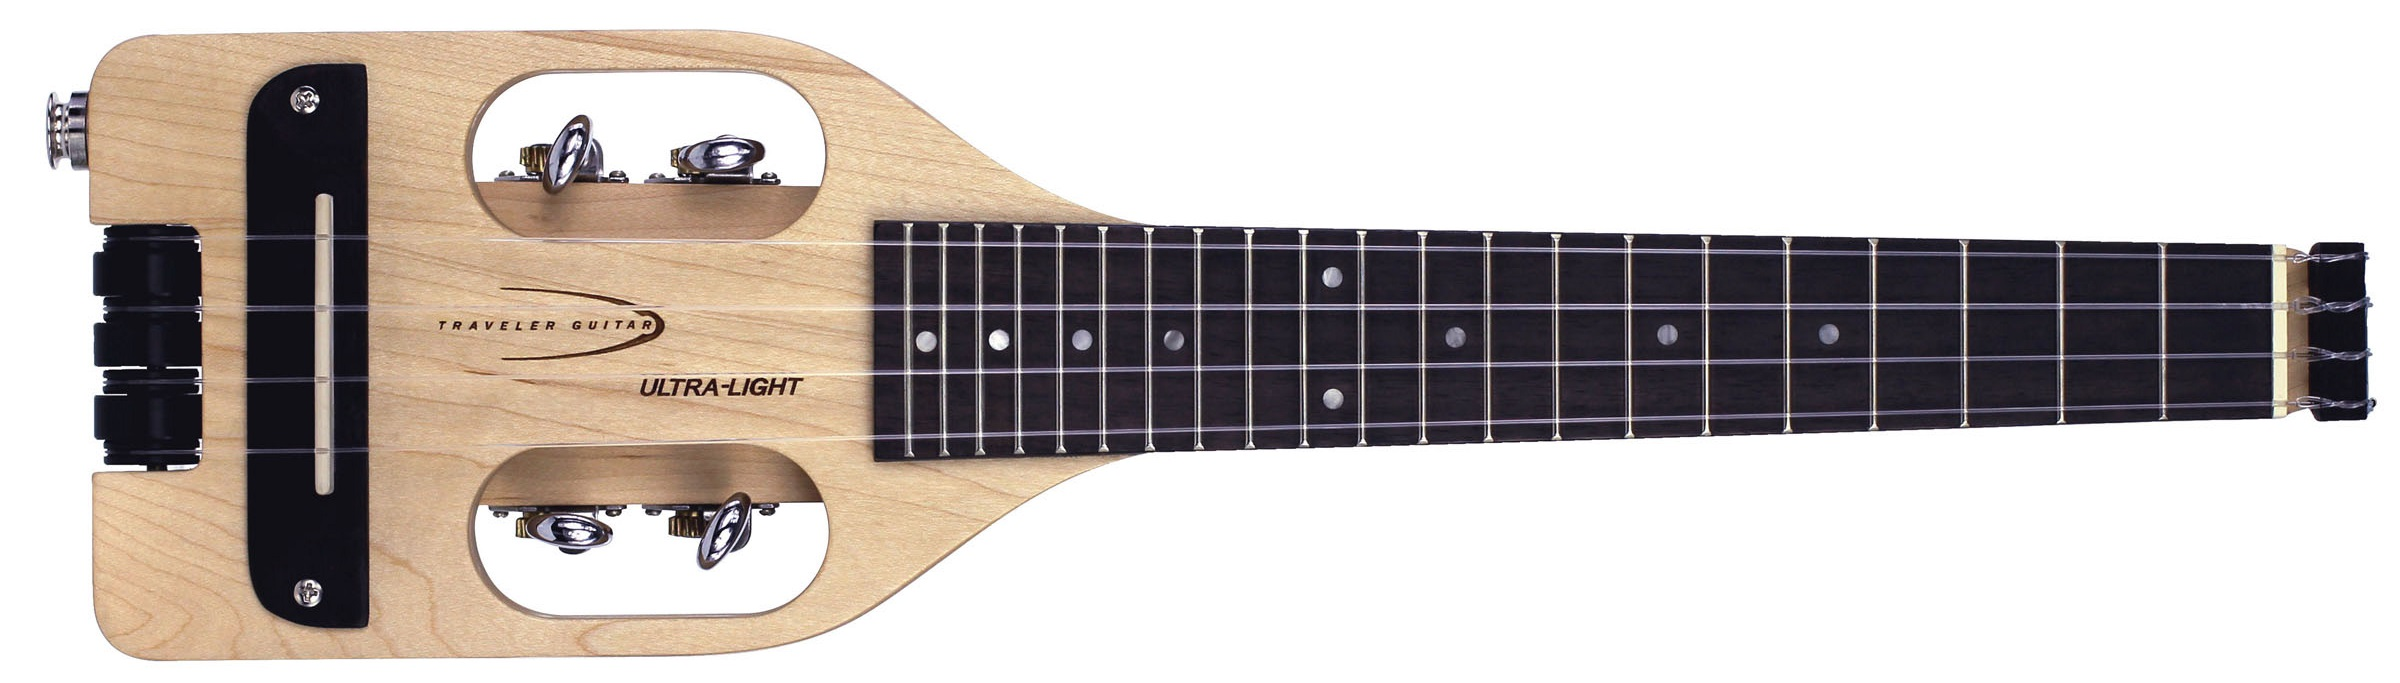 Traveler Guitar Ultra Light Ukulele Natural Maple